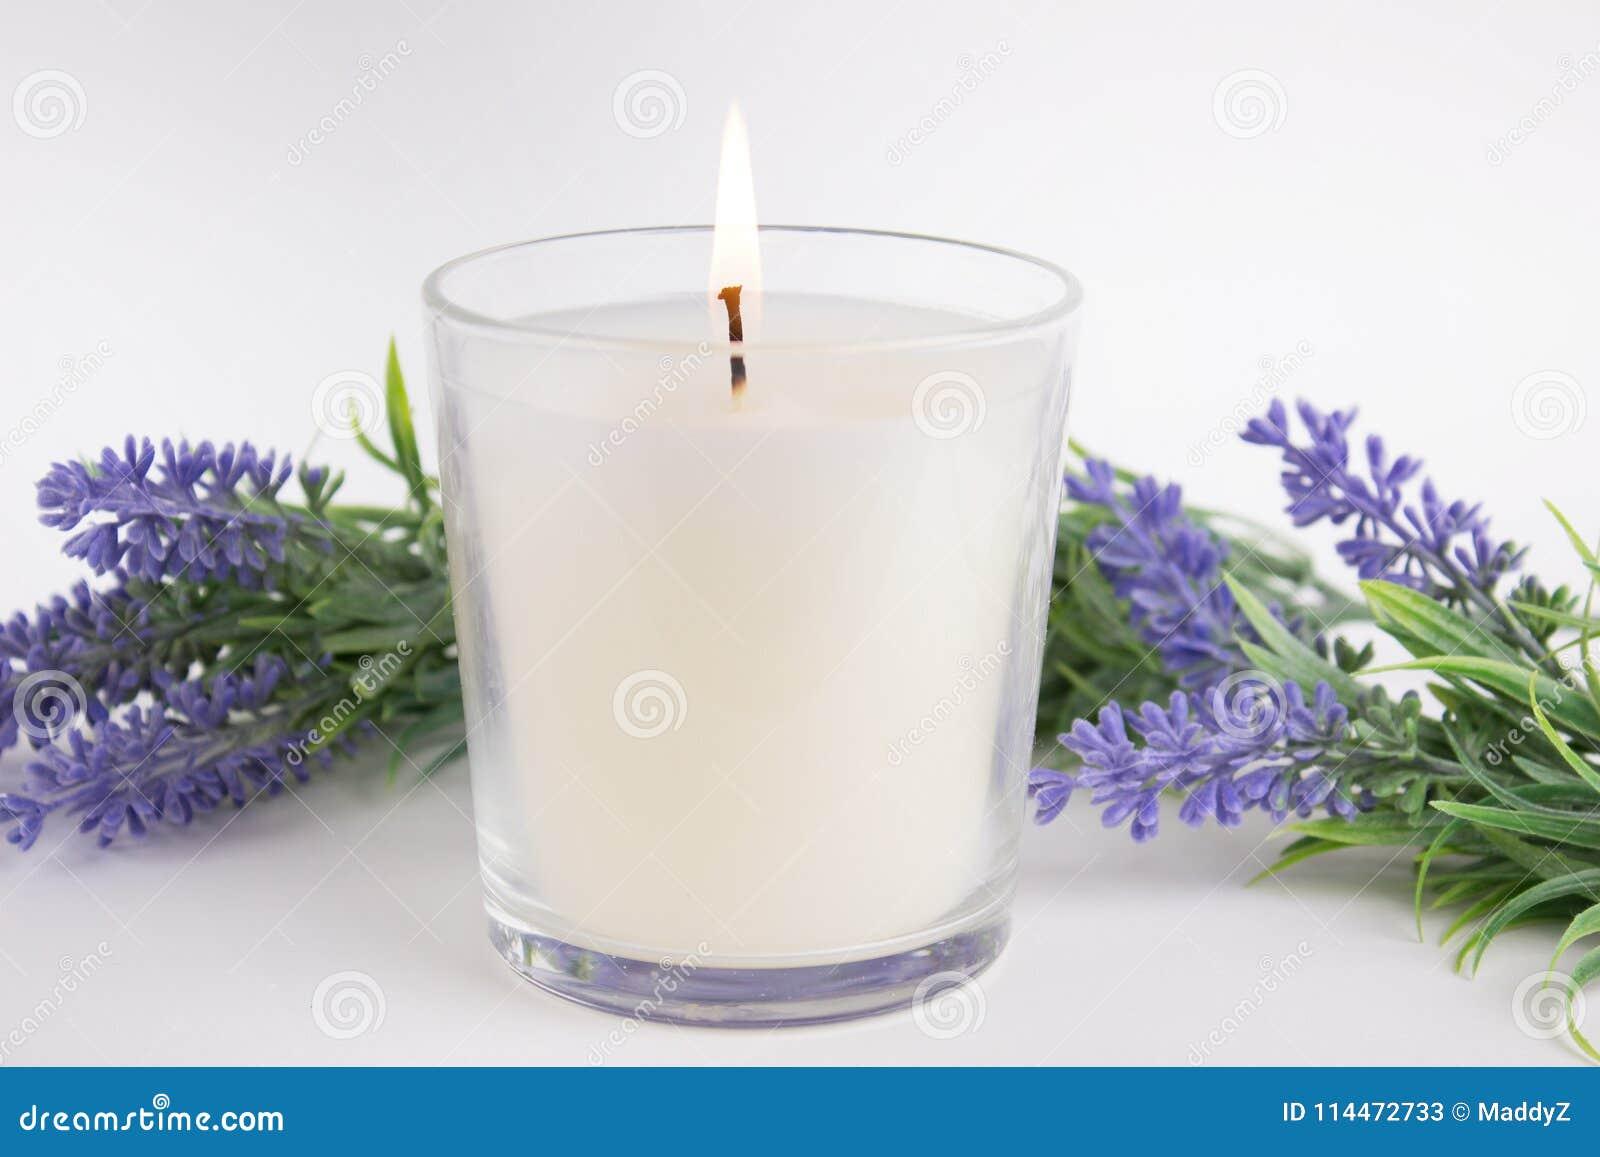 Candela in vetro su fondo bianco con lavanda, modello del prodotto